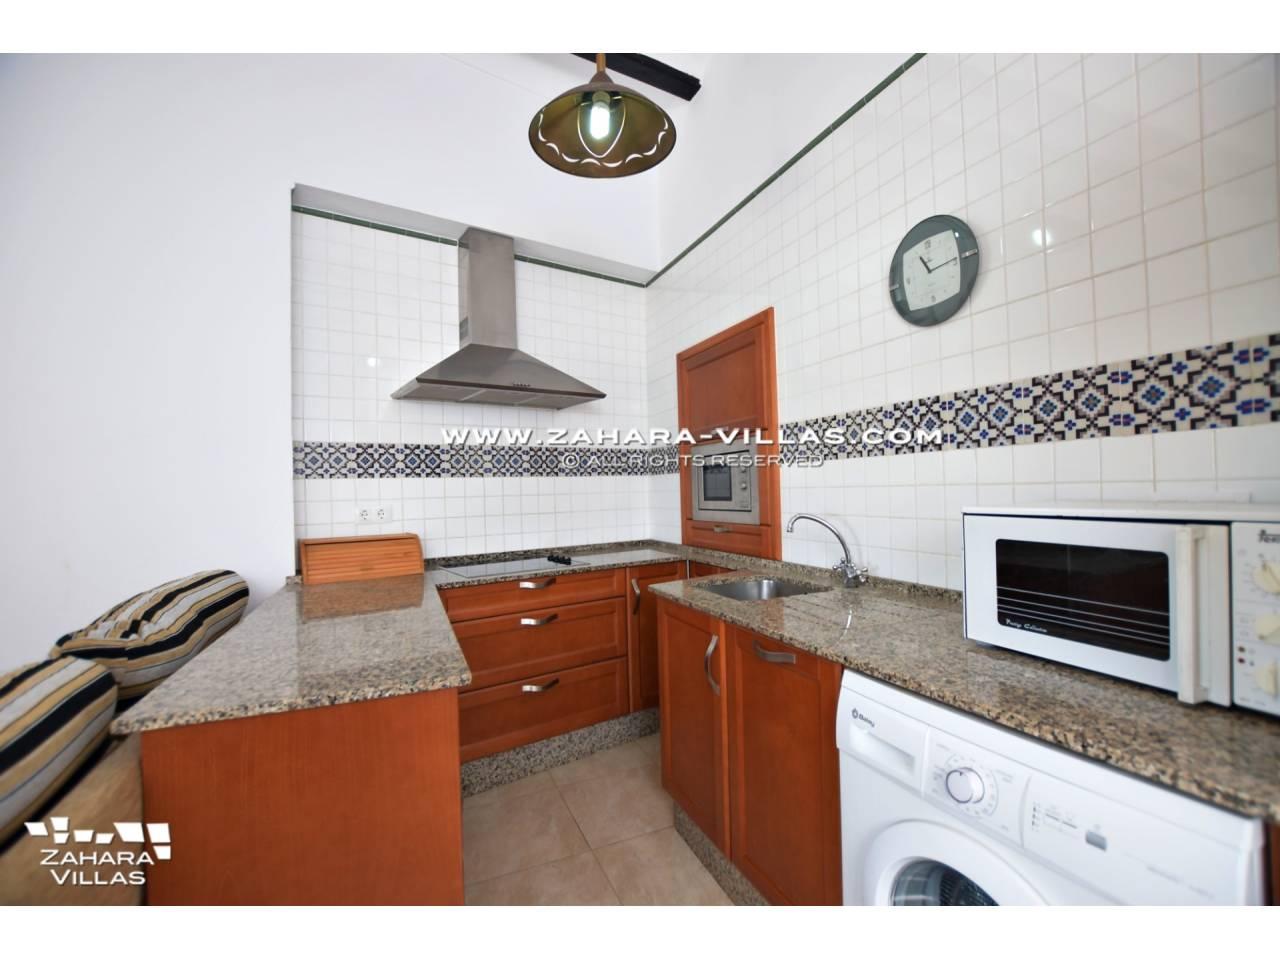 Imagen 13 de Apartamento y Estudio en pleno centro